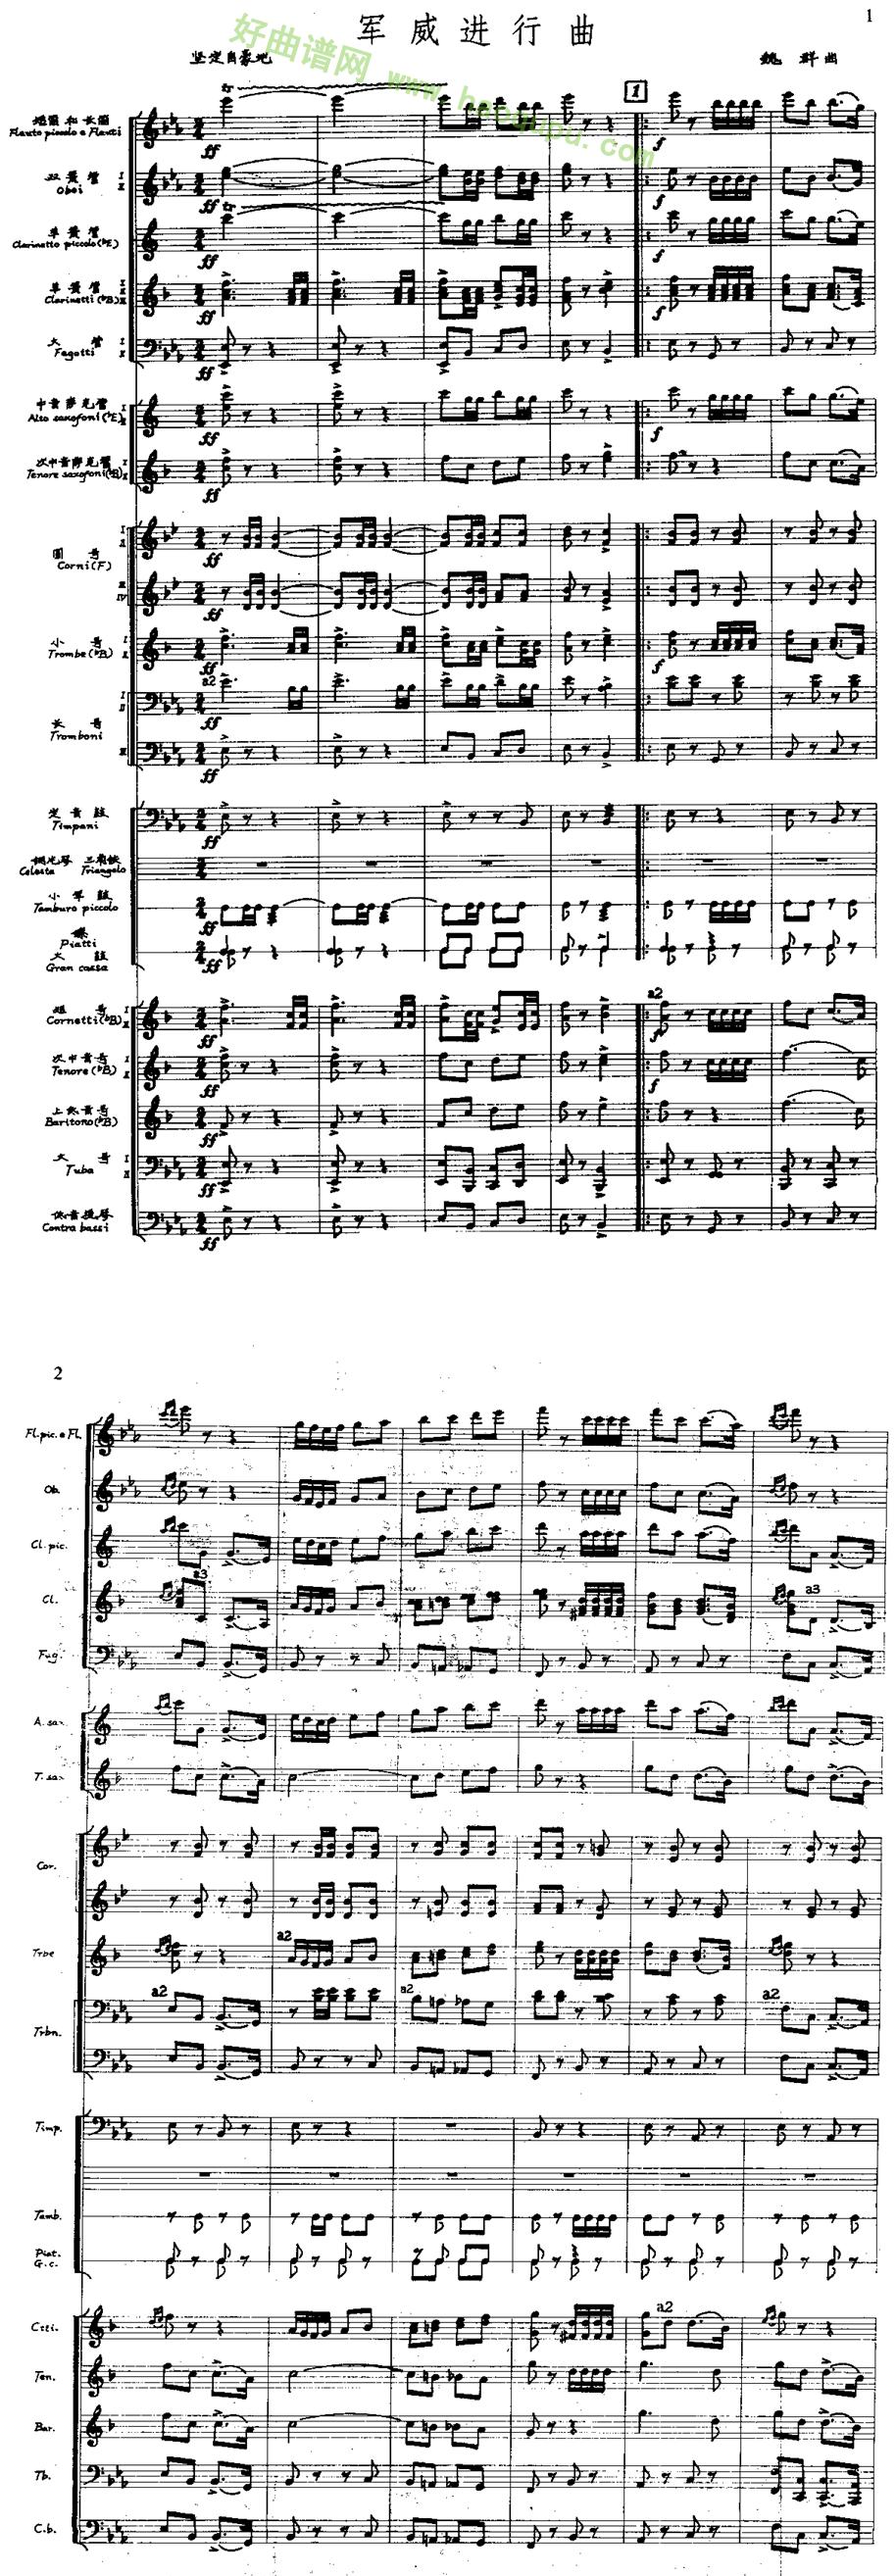 《军威进行曲》(军乐)(线谱)管乐总谱第1张